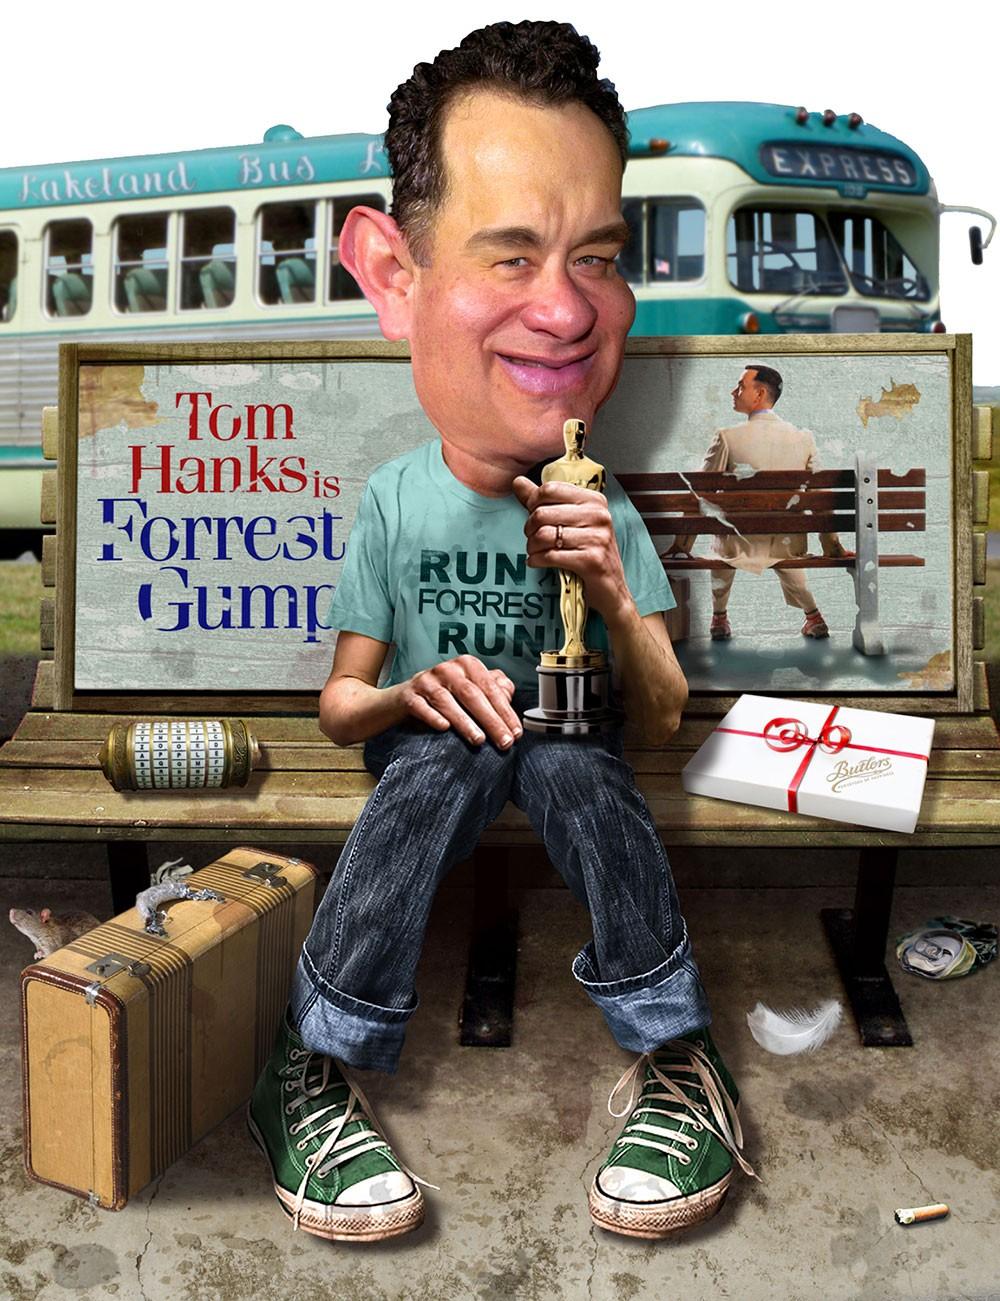 النجم الكبير توم هانكس يكشف ما هو أن تكون مريض كورونا